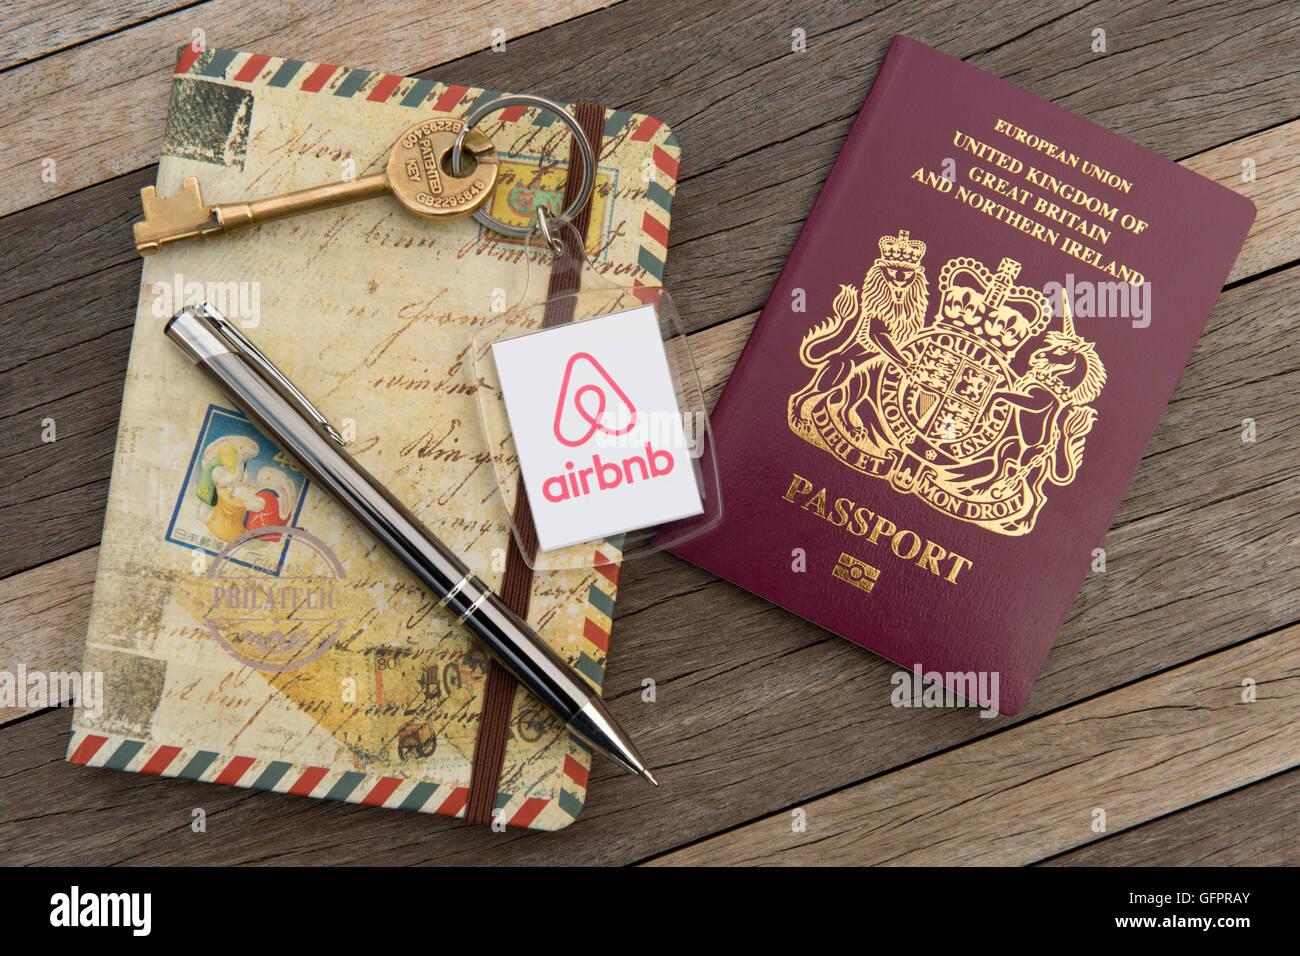 Une marque Airbnb porte-clé avec un passeport britannique, journal de voyage et stylo, sur une table en bois Photo Stock